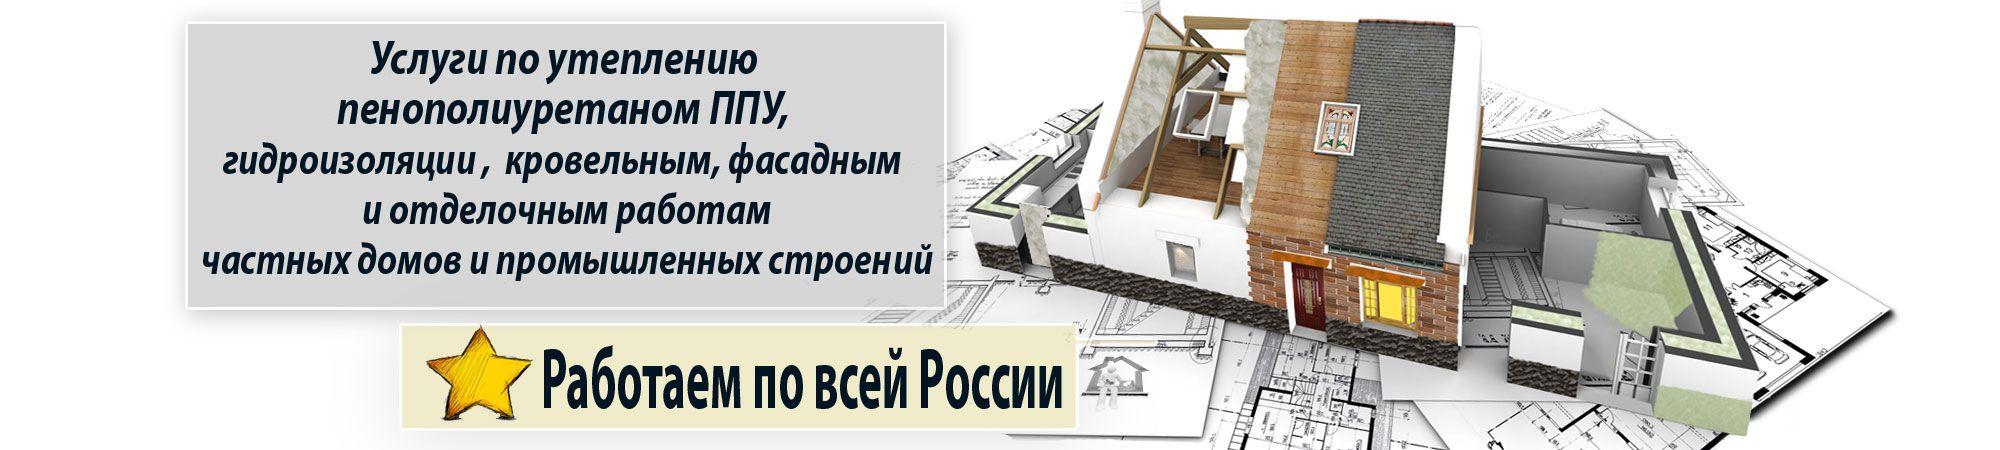 Компания БелТК - Комплексное решение строительных работ